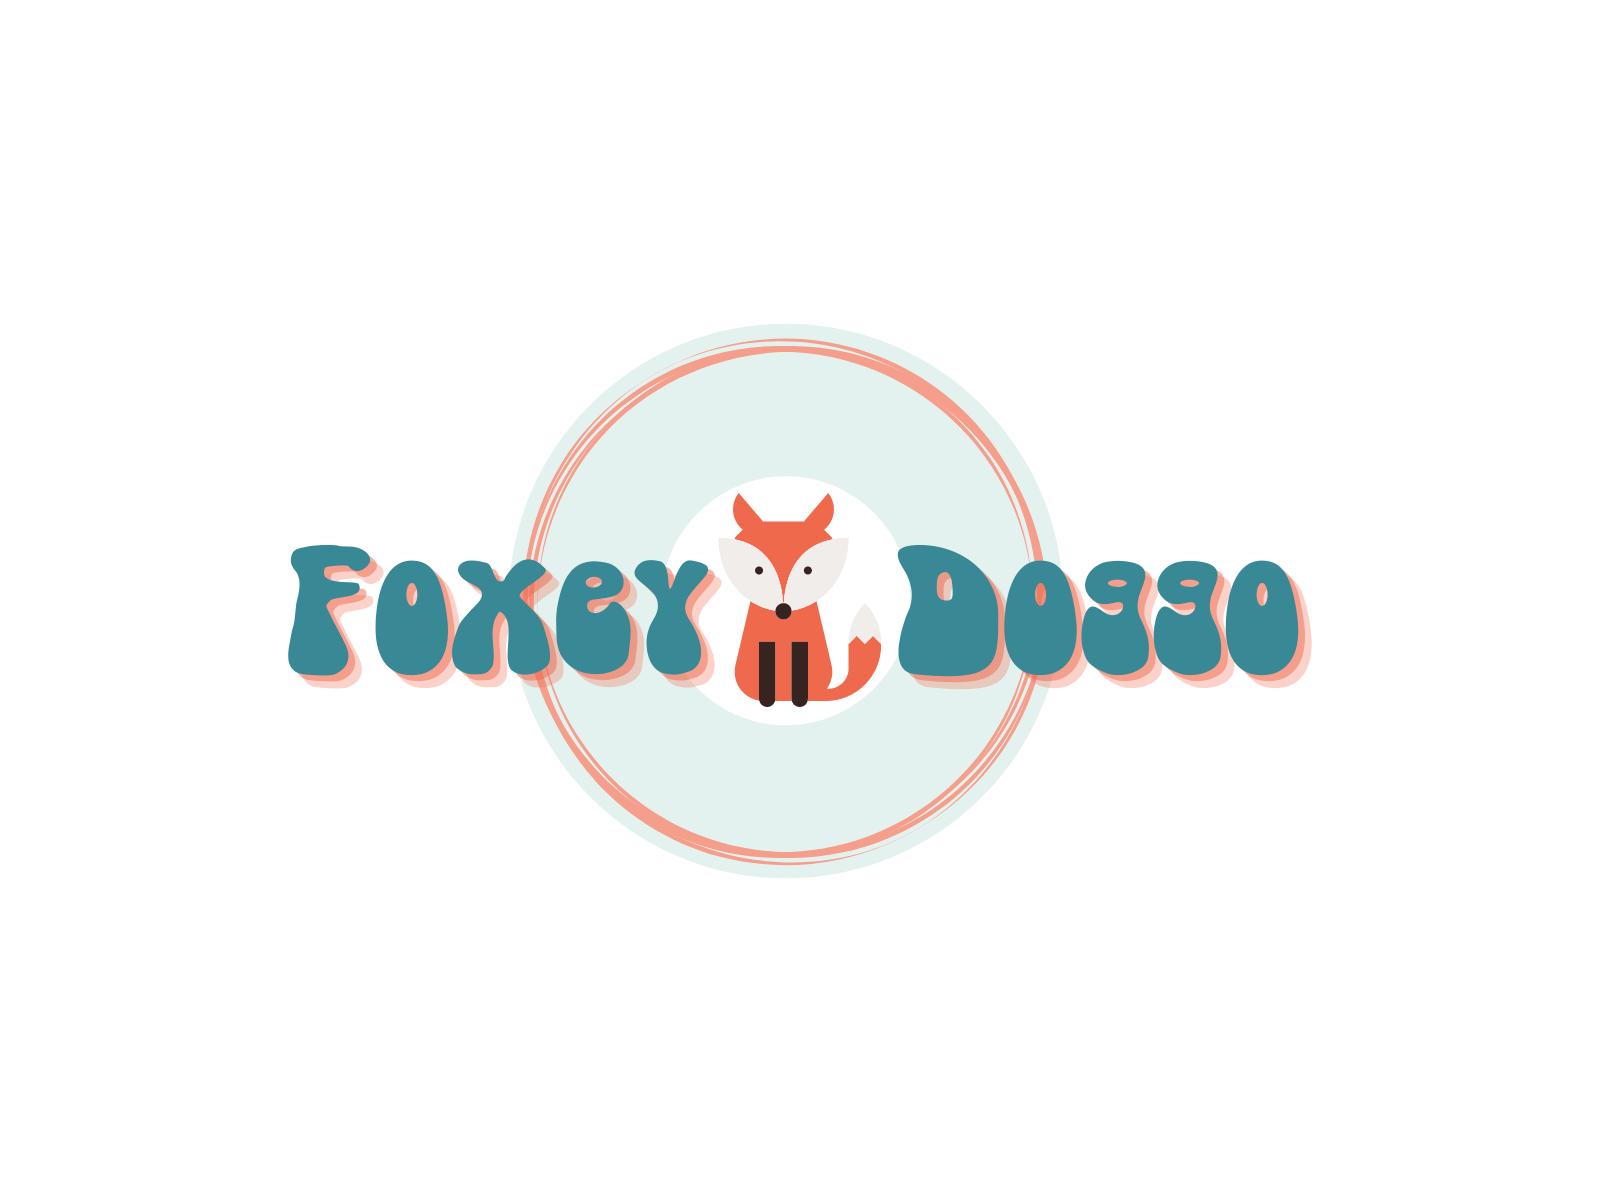 Foxey Doggo Shop